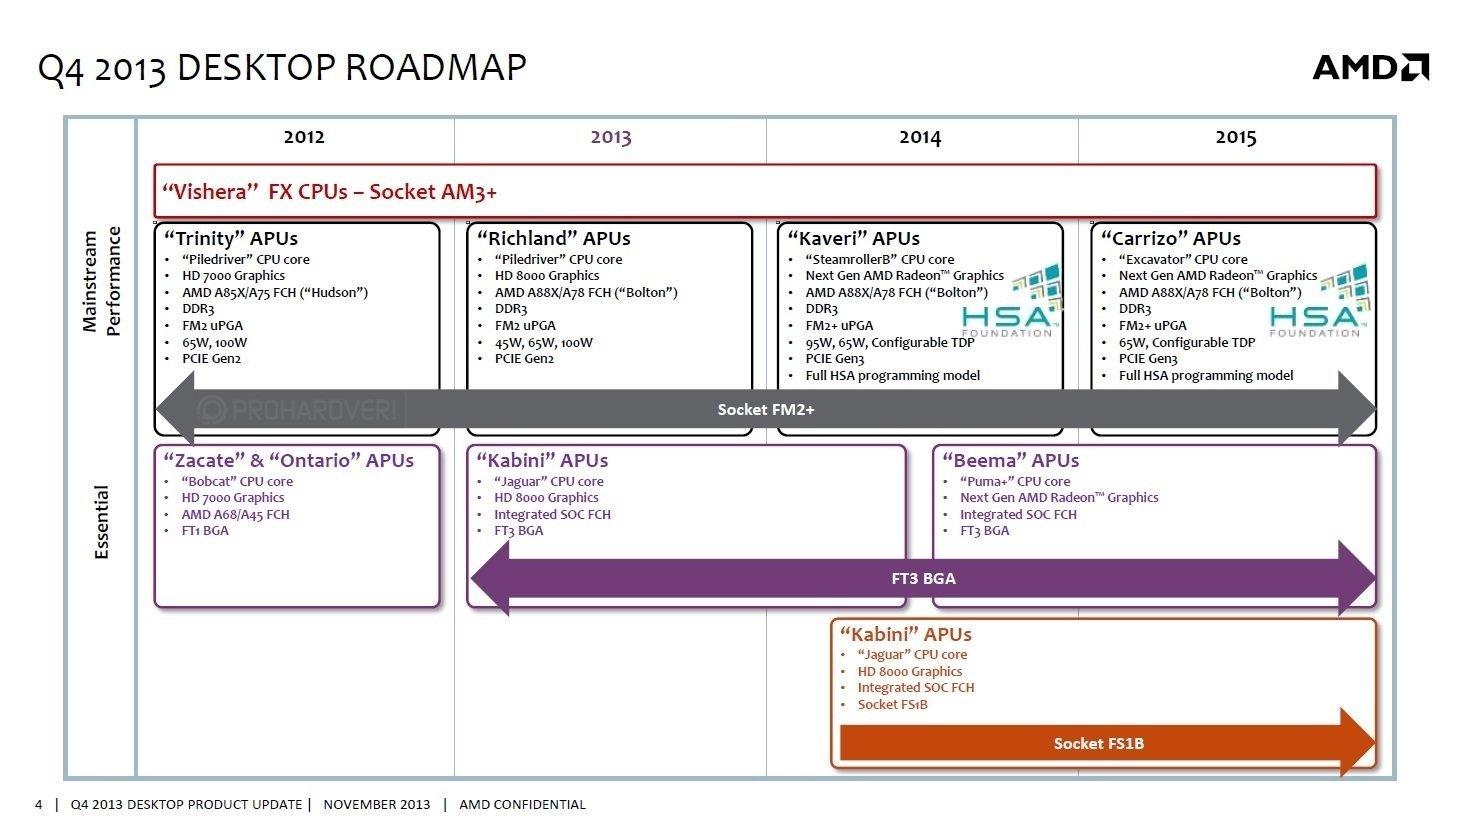 Gefälschte AMD-Roadmap